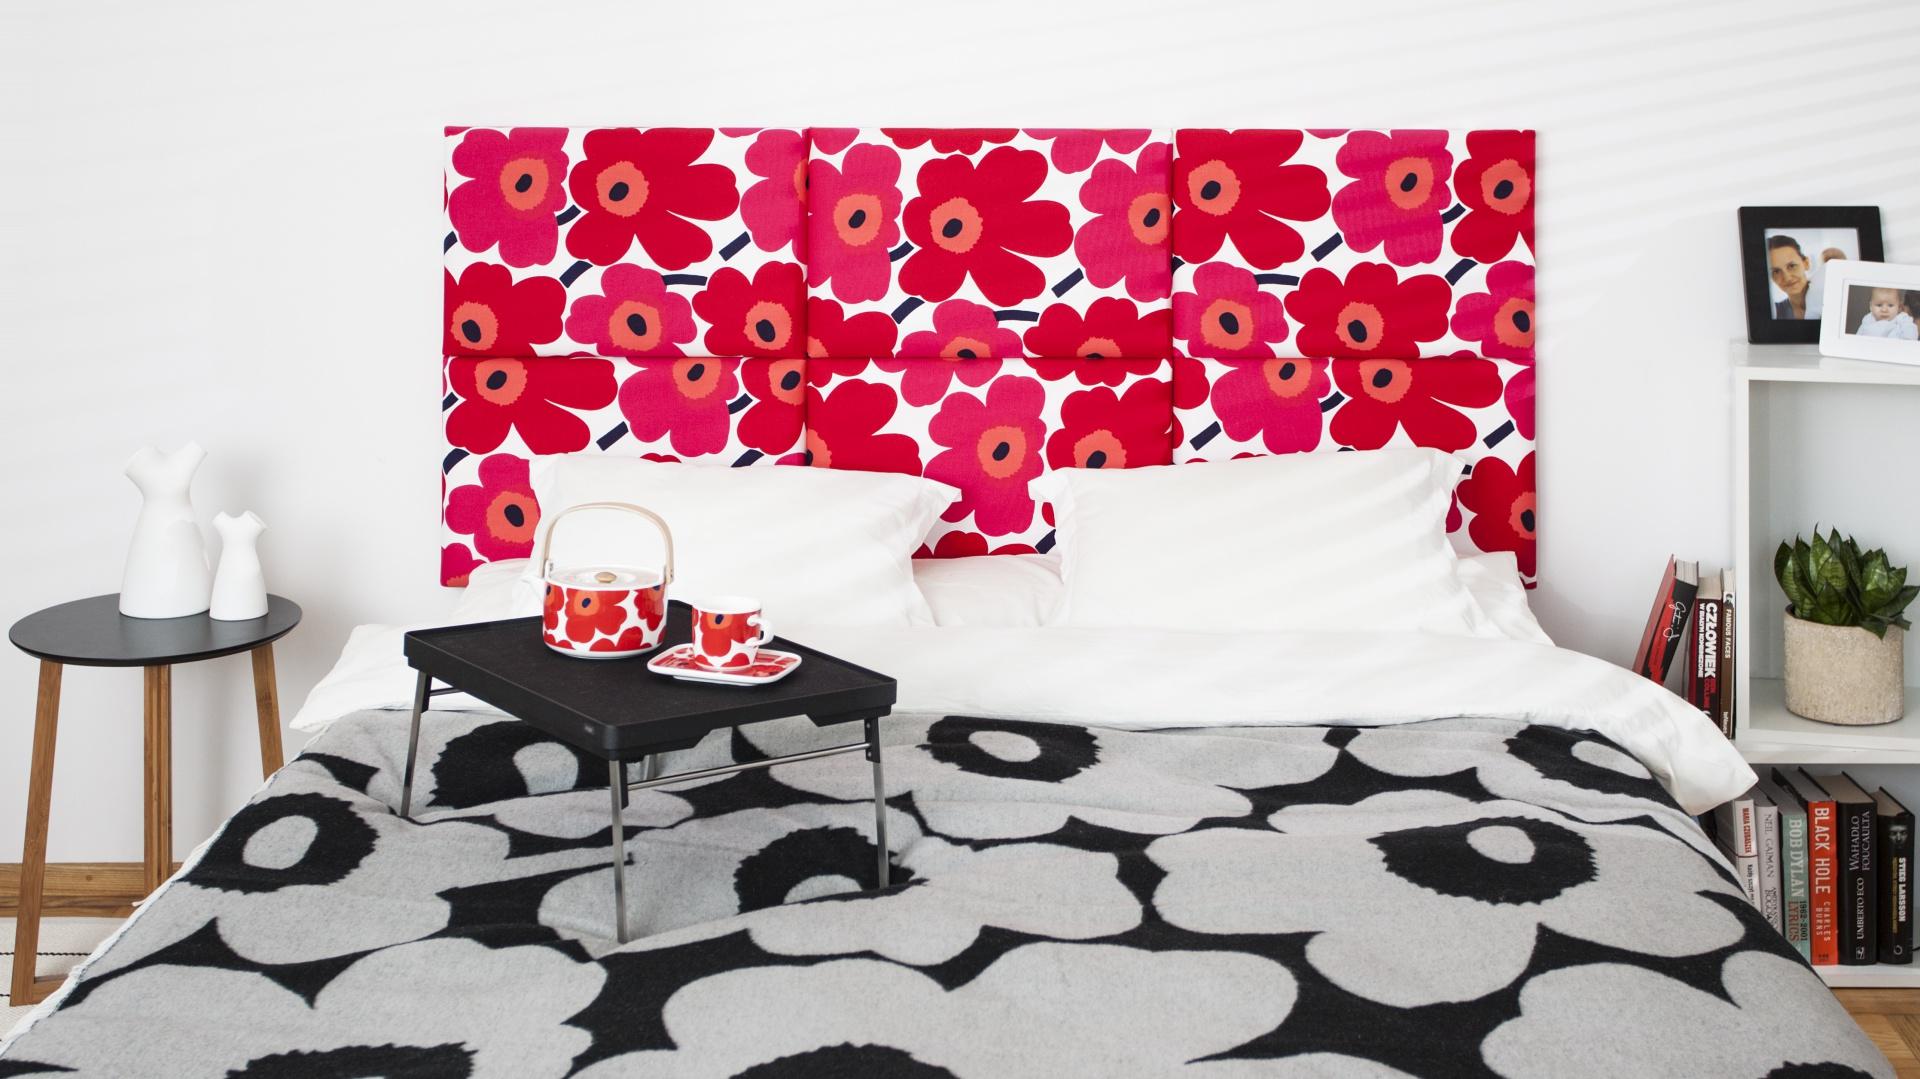 Modułowy zagłówek stanowi doskonały pomysł na szybką, wiosenną metamorfozę sypialni. Do wyboru mamy wiele wzorów i kolorów. Fot. Made for bed.